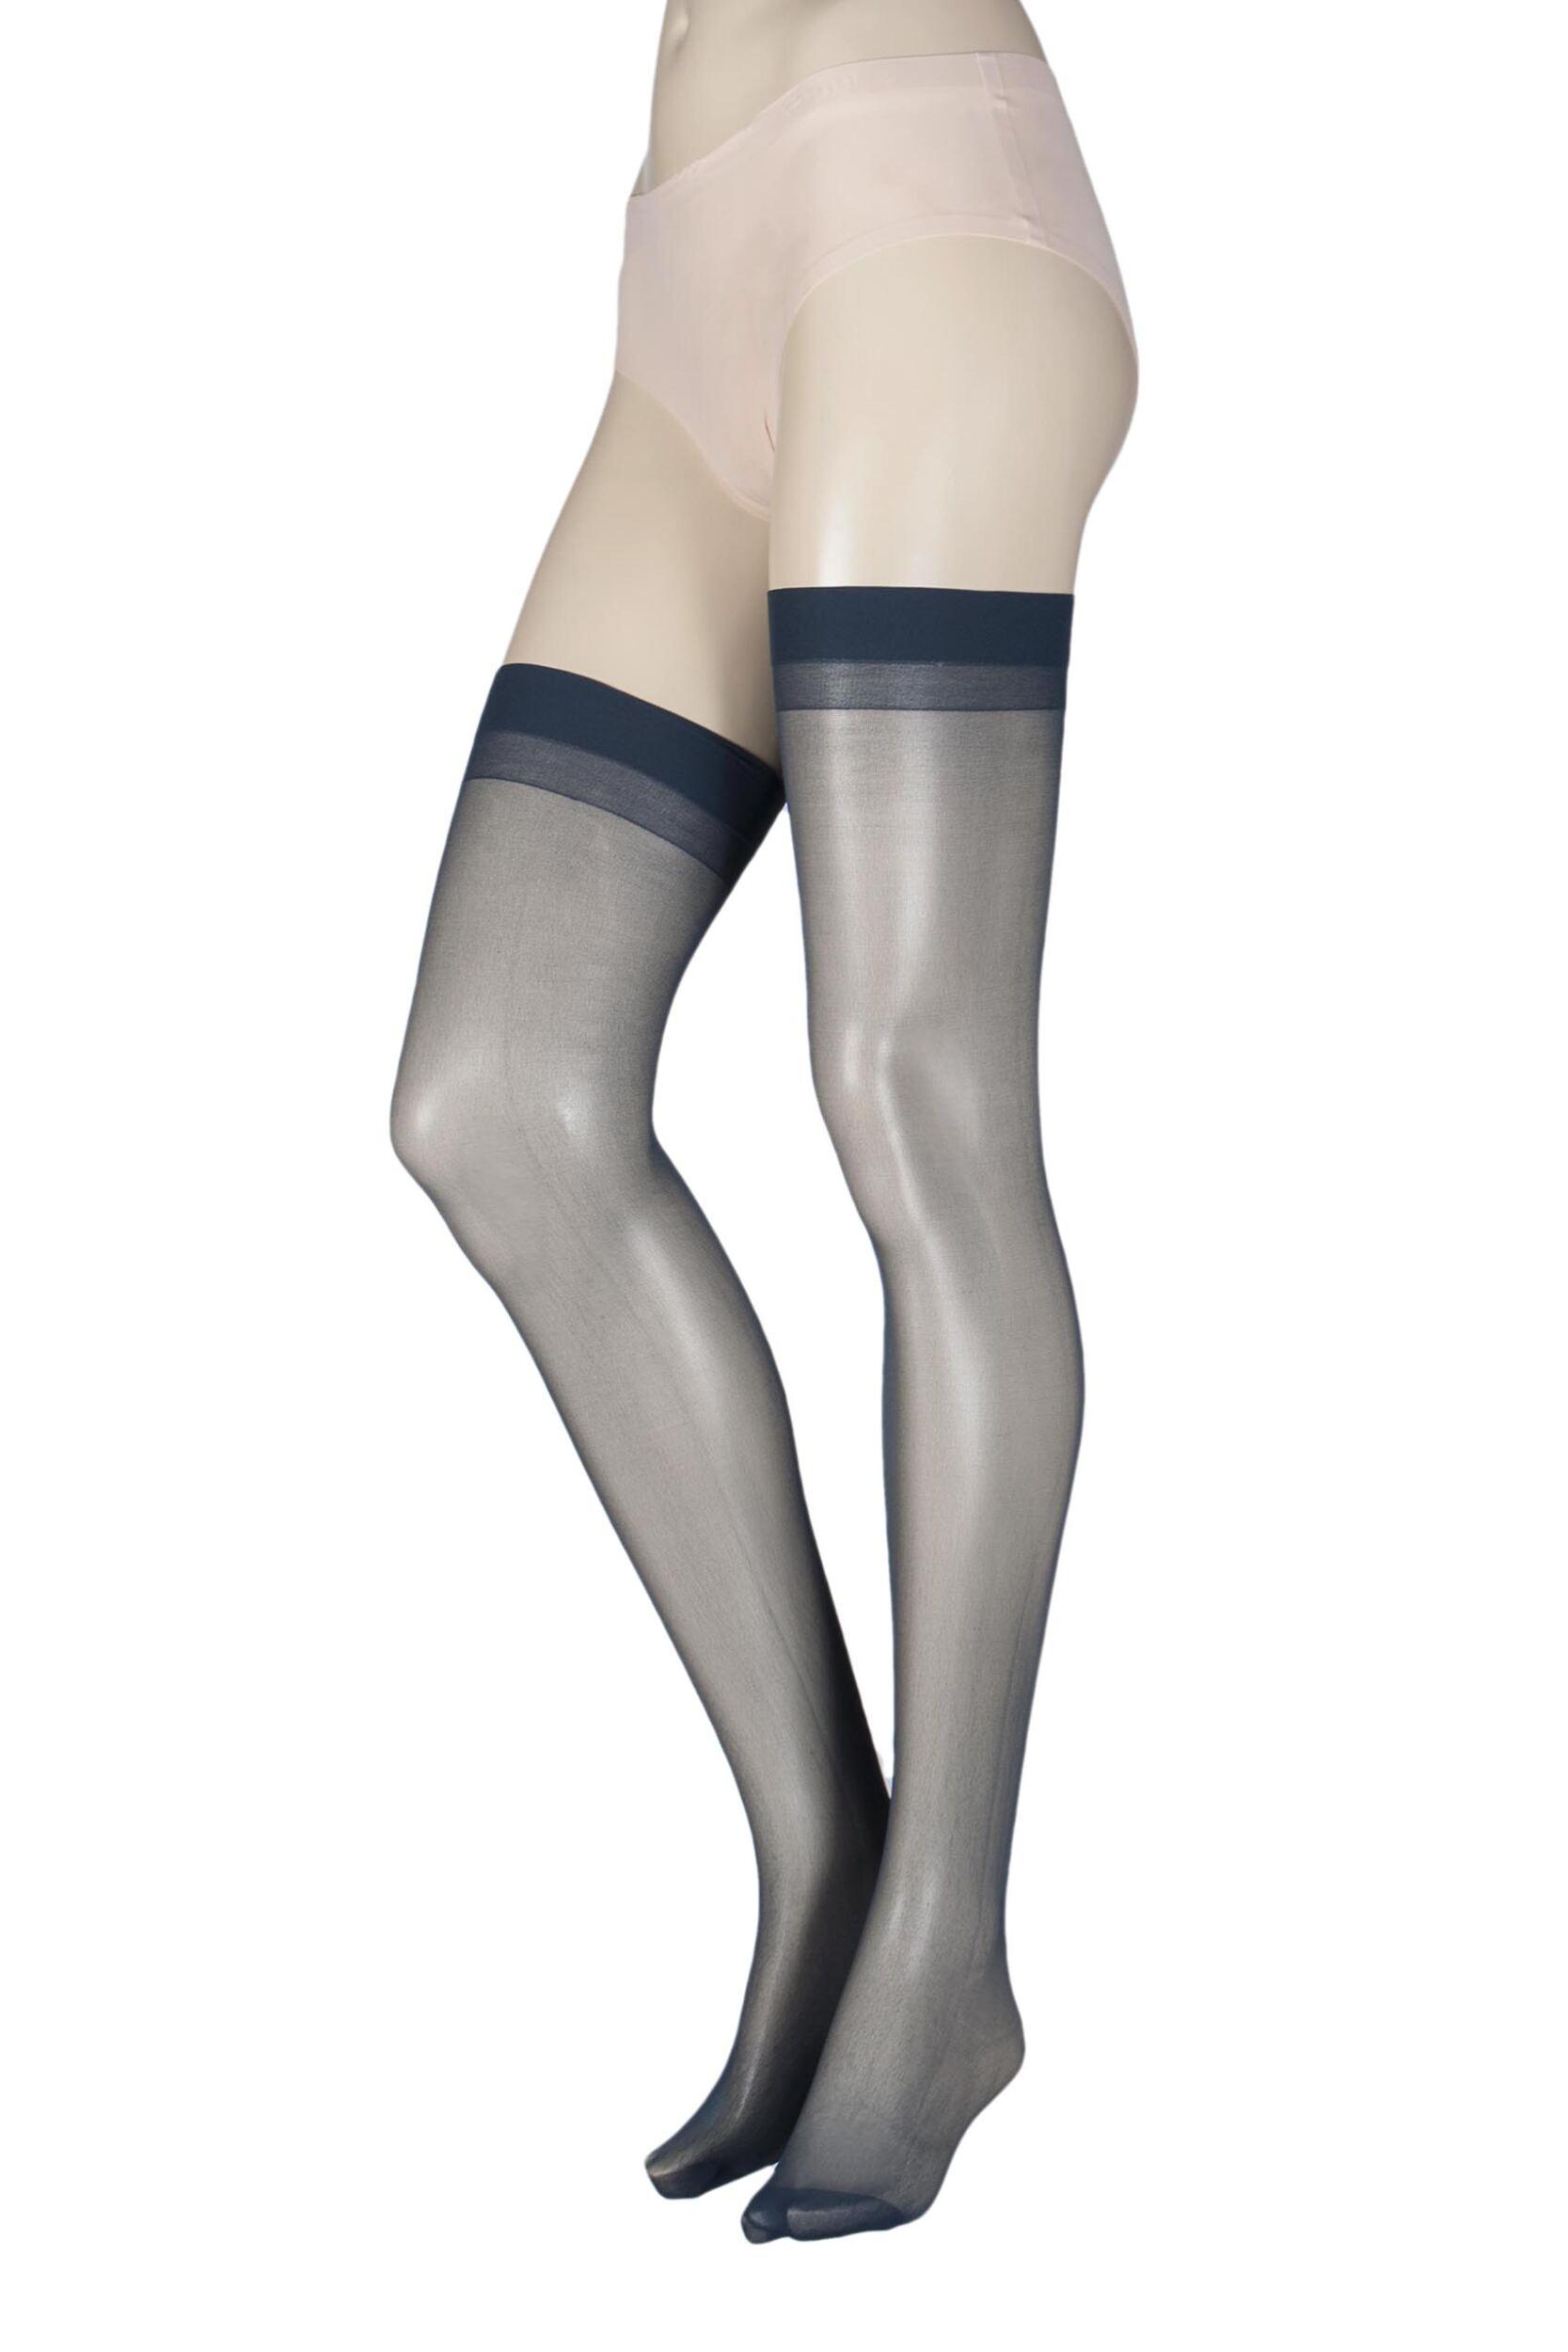 1 Pair Elle Stockings 20 Denier 100% Nylon